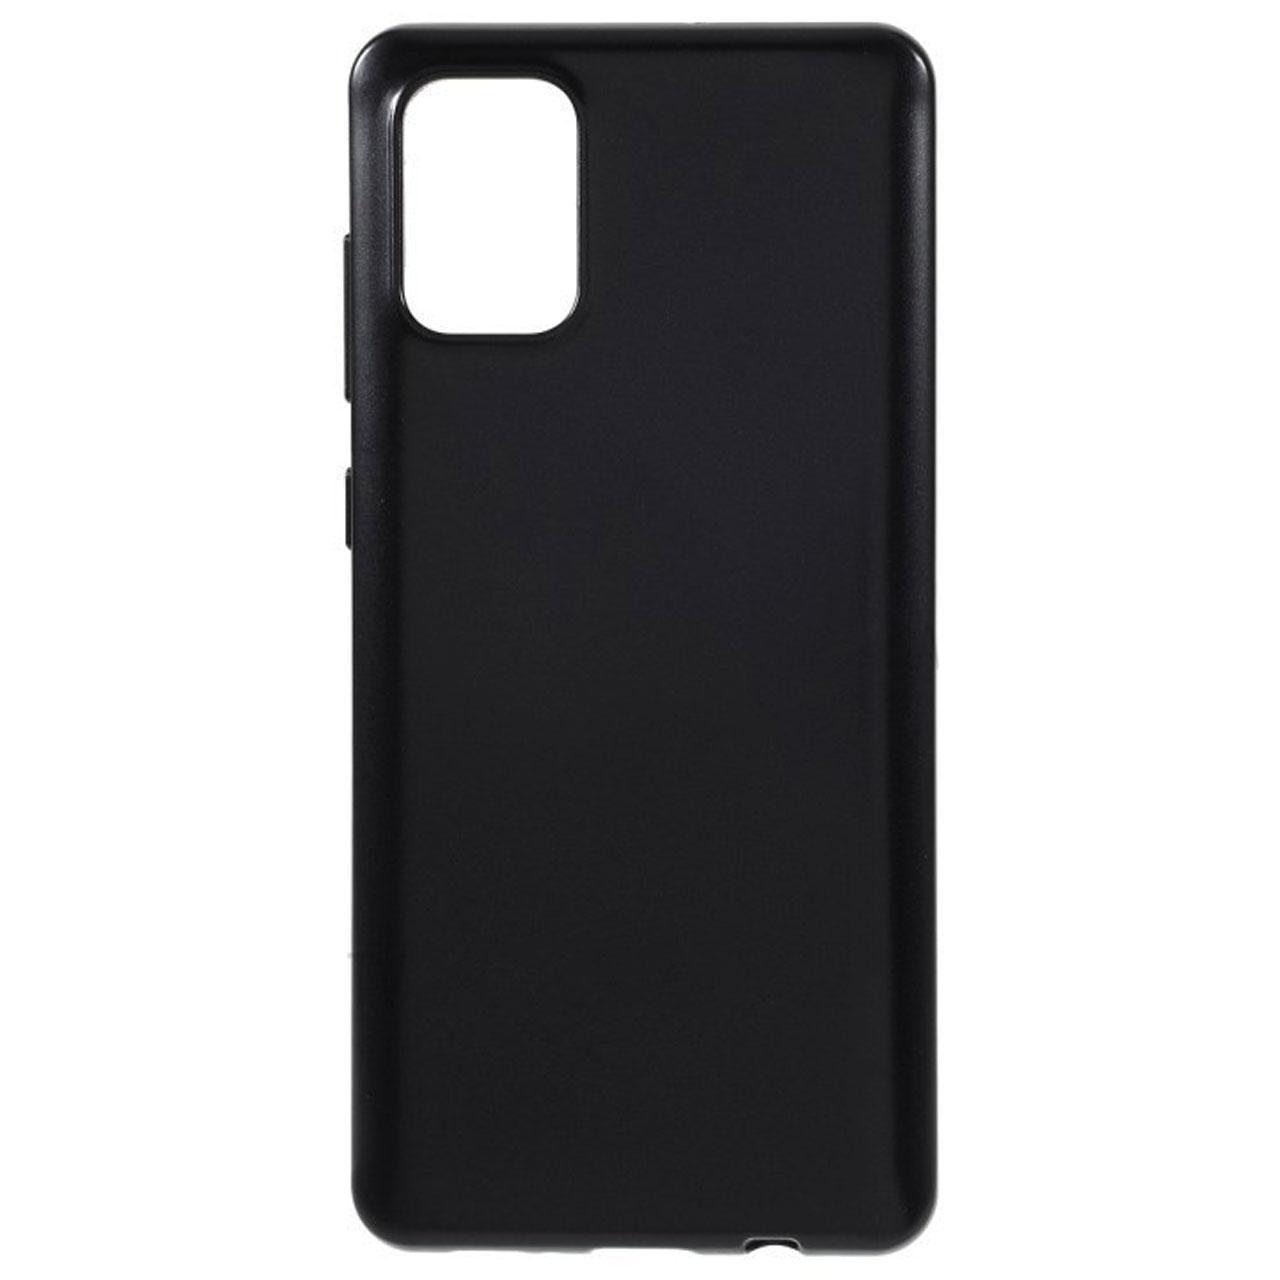 کاور مدل CJ-01 مناسب برای گوشی موبایل سامسونگ Galaxy A71              ( قیمت و خرید)